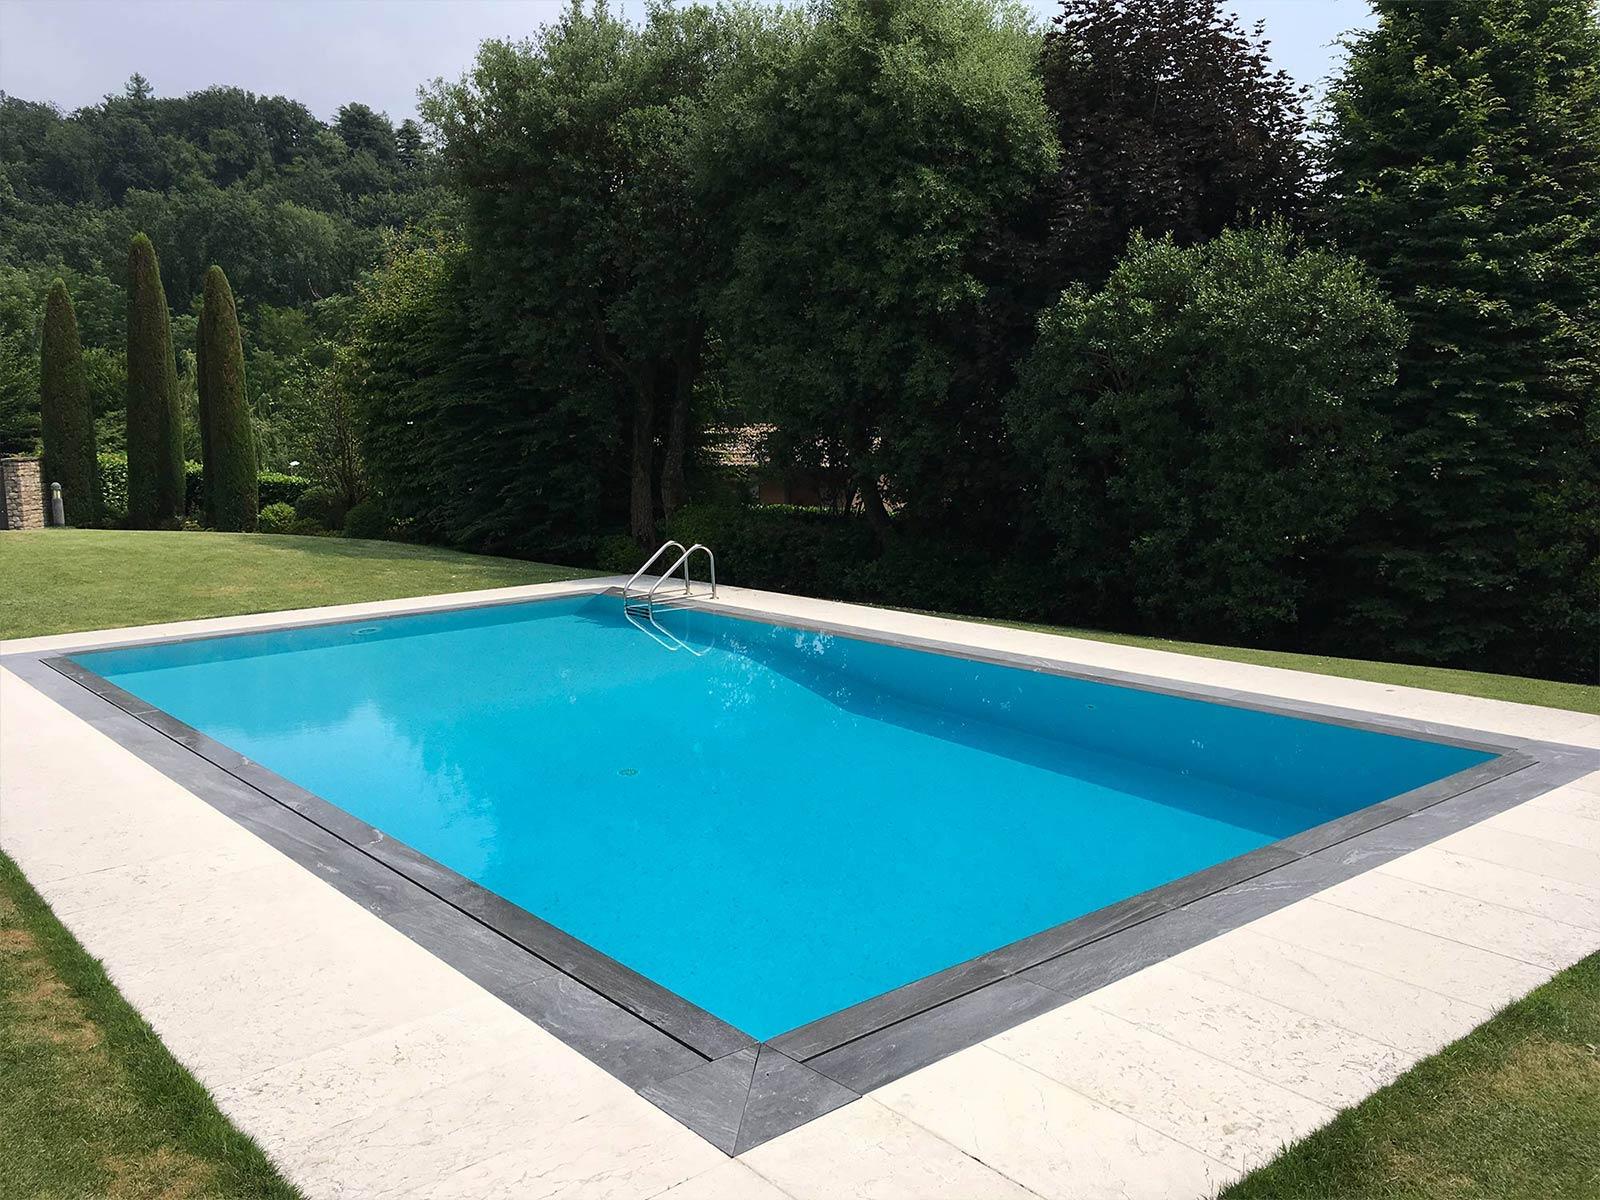 piscina a sfioro a fessura con bordi scuri